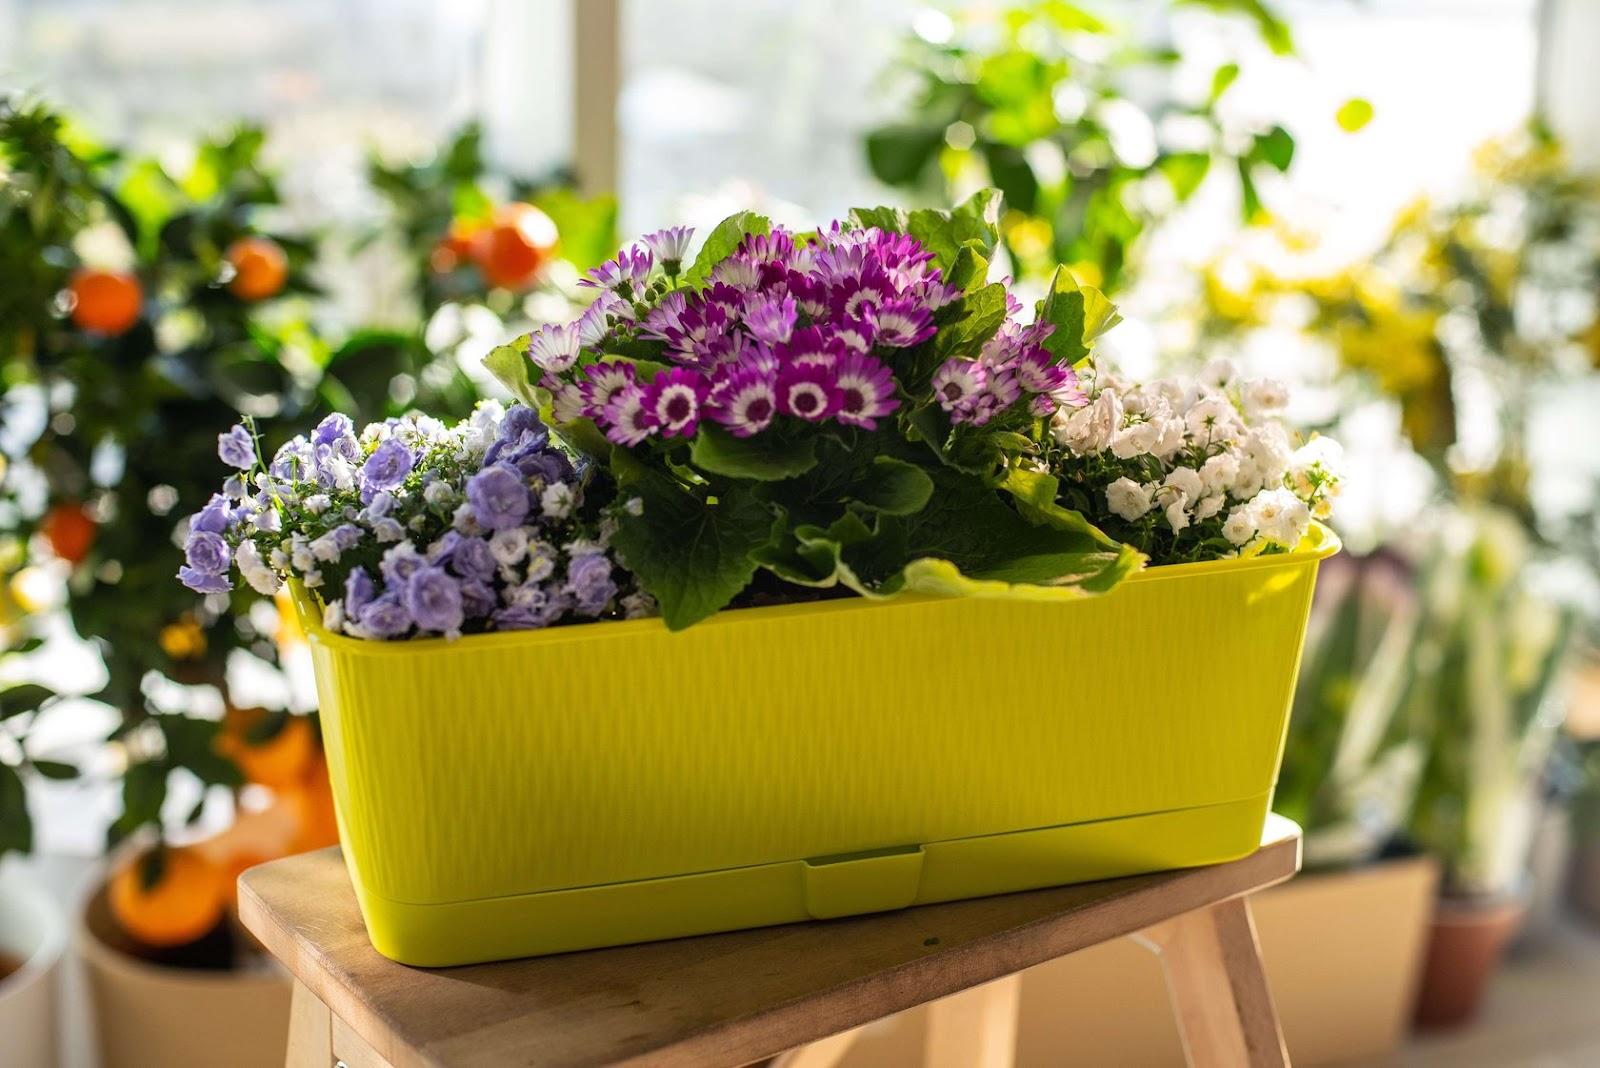 Емкость для пересадки растений фото - вазон